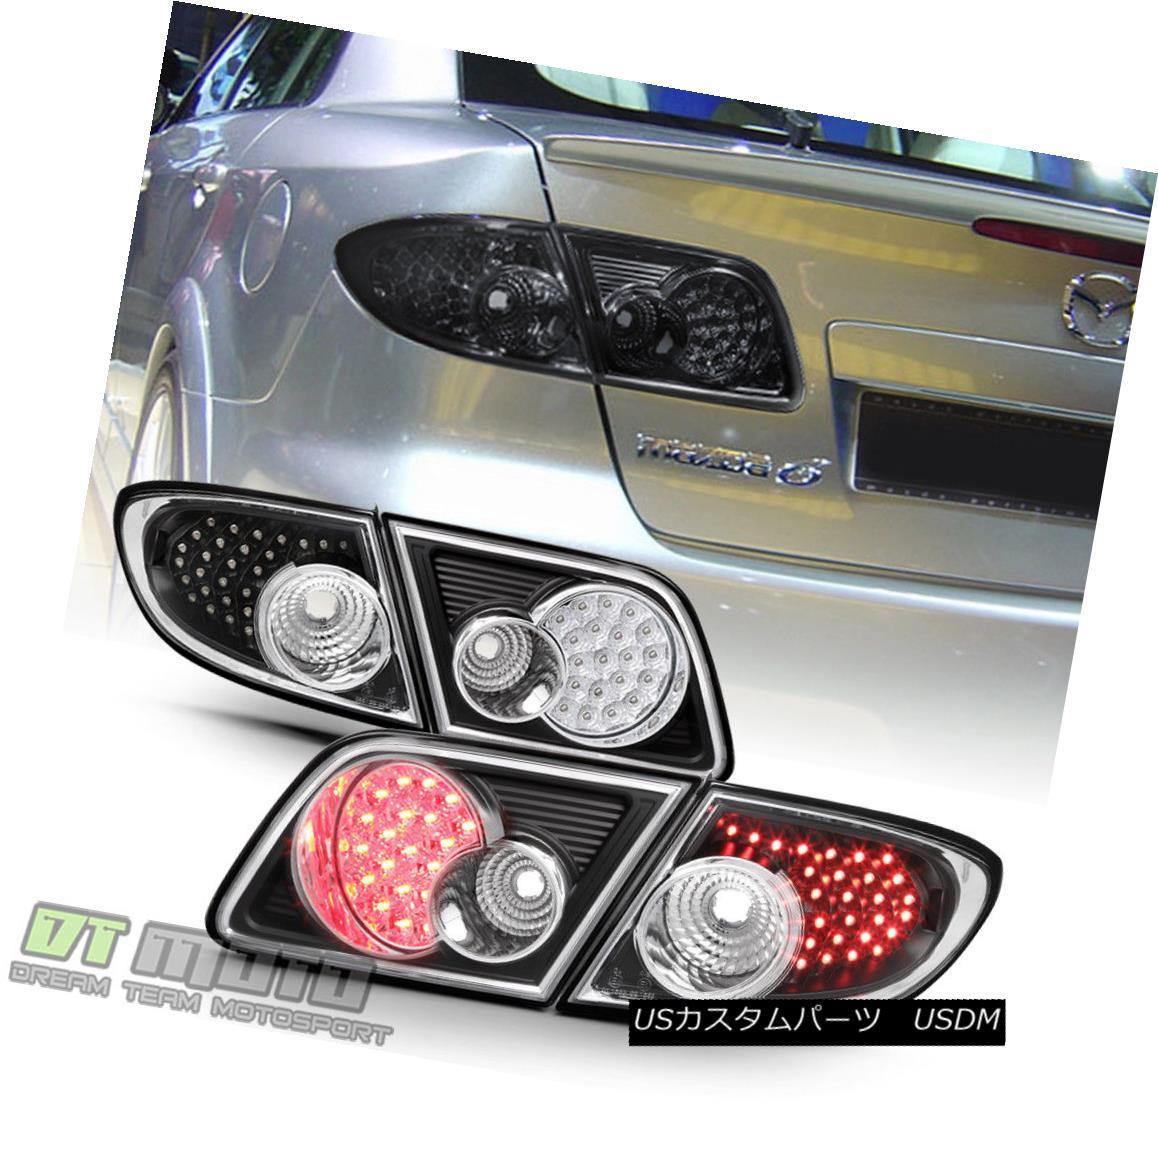 テールライト 2003-2008 Mazda6 4-Door Sedan Black LED Tail Lights Brake Lamps Left+Right 4Pcs 2003-2008 Mazda6 4ドアセダンブラックLEDテールライトブレーキランプ左右+ 4個